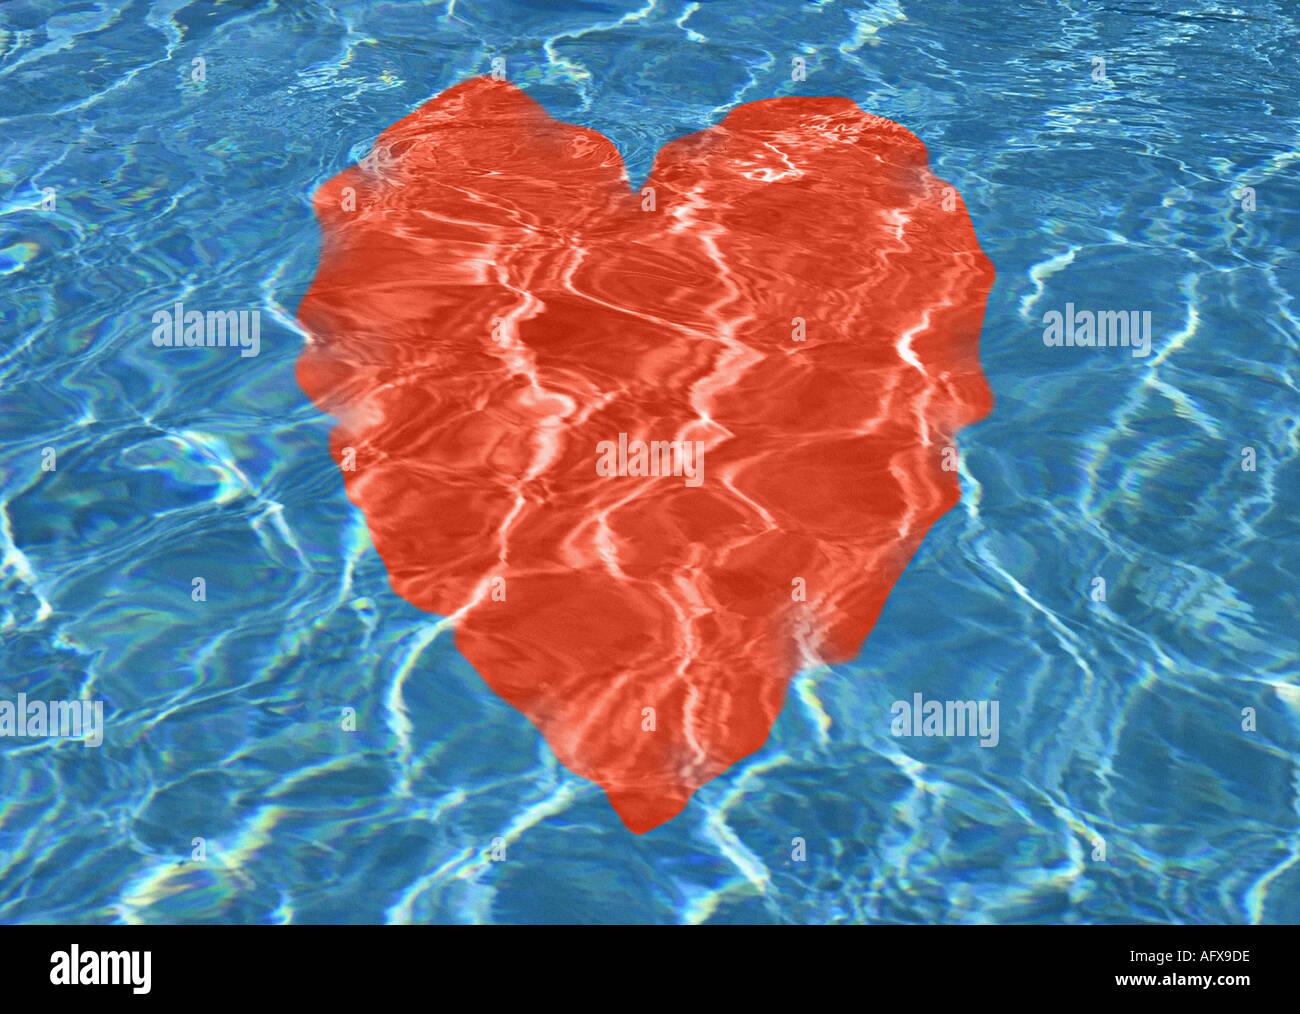 Corazón rojo bajo el agua. Imagen De Stock